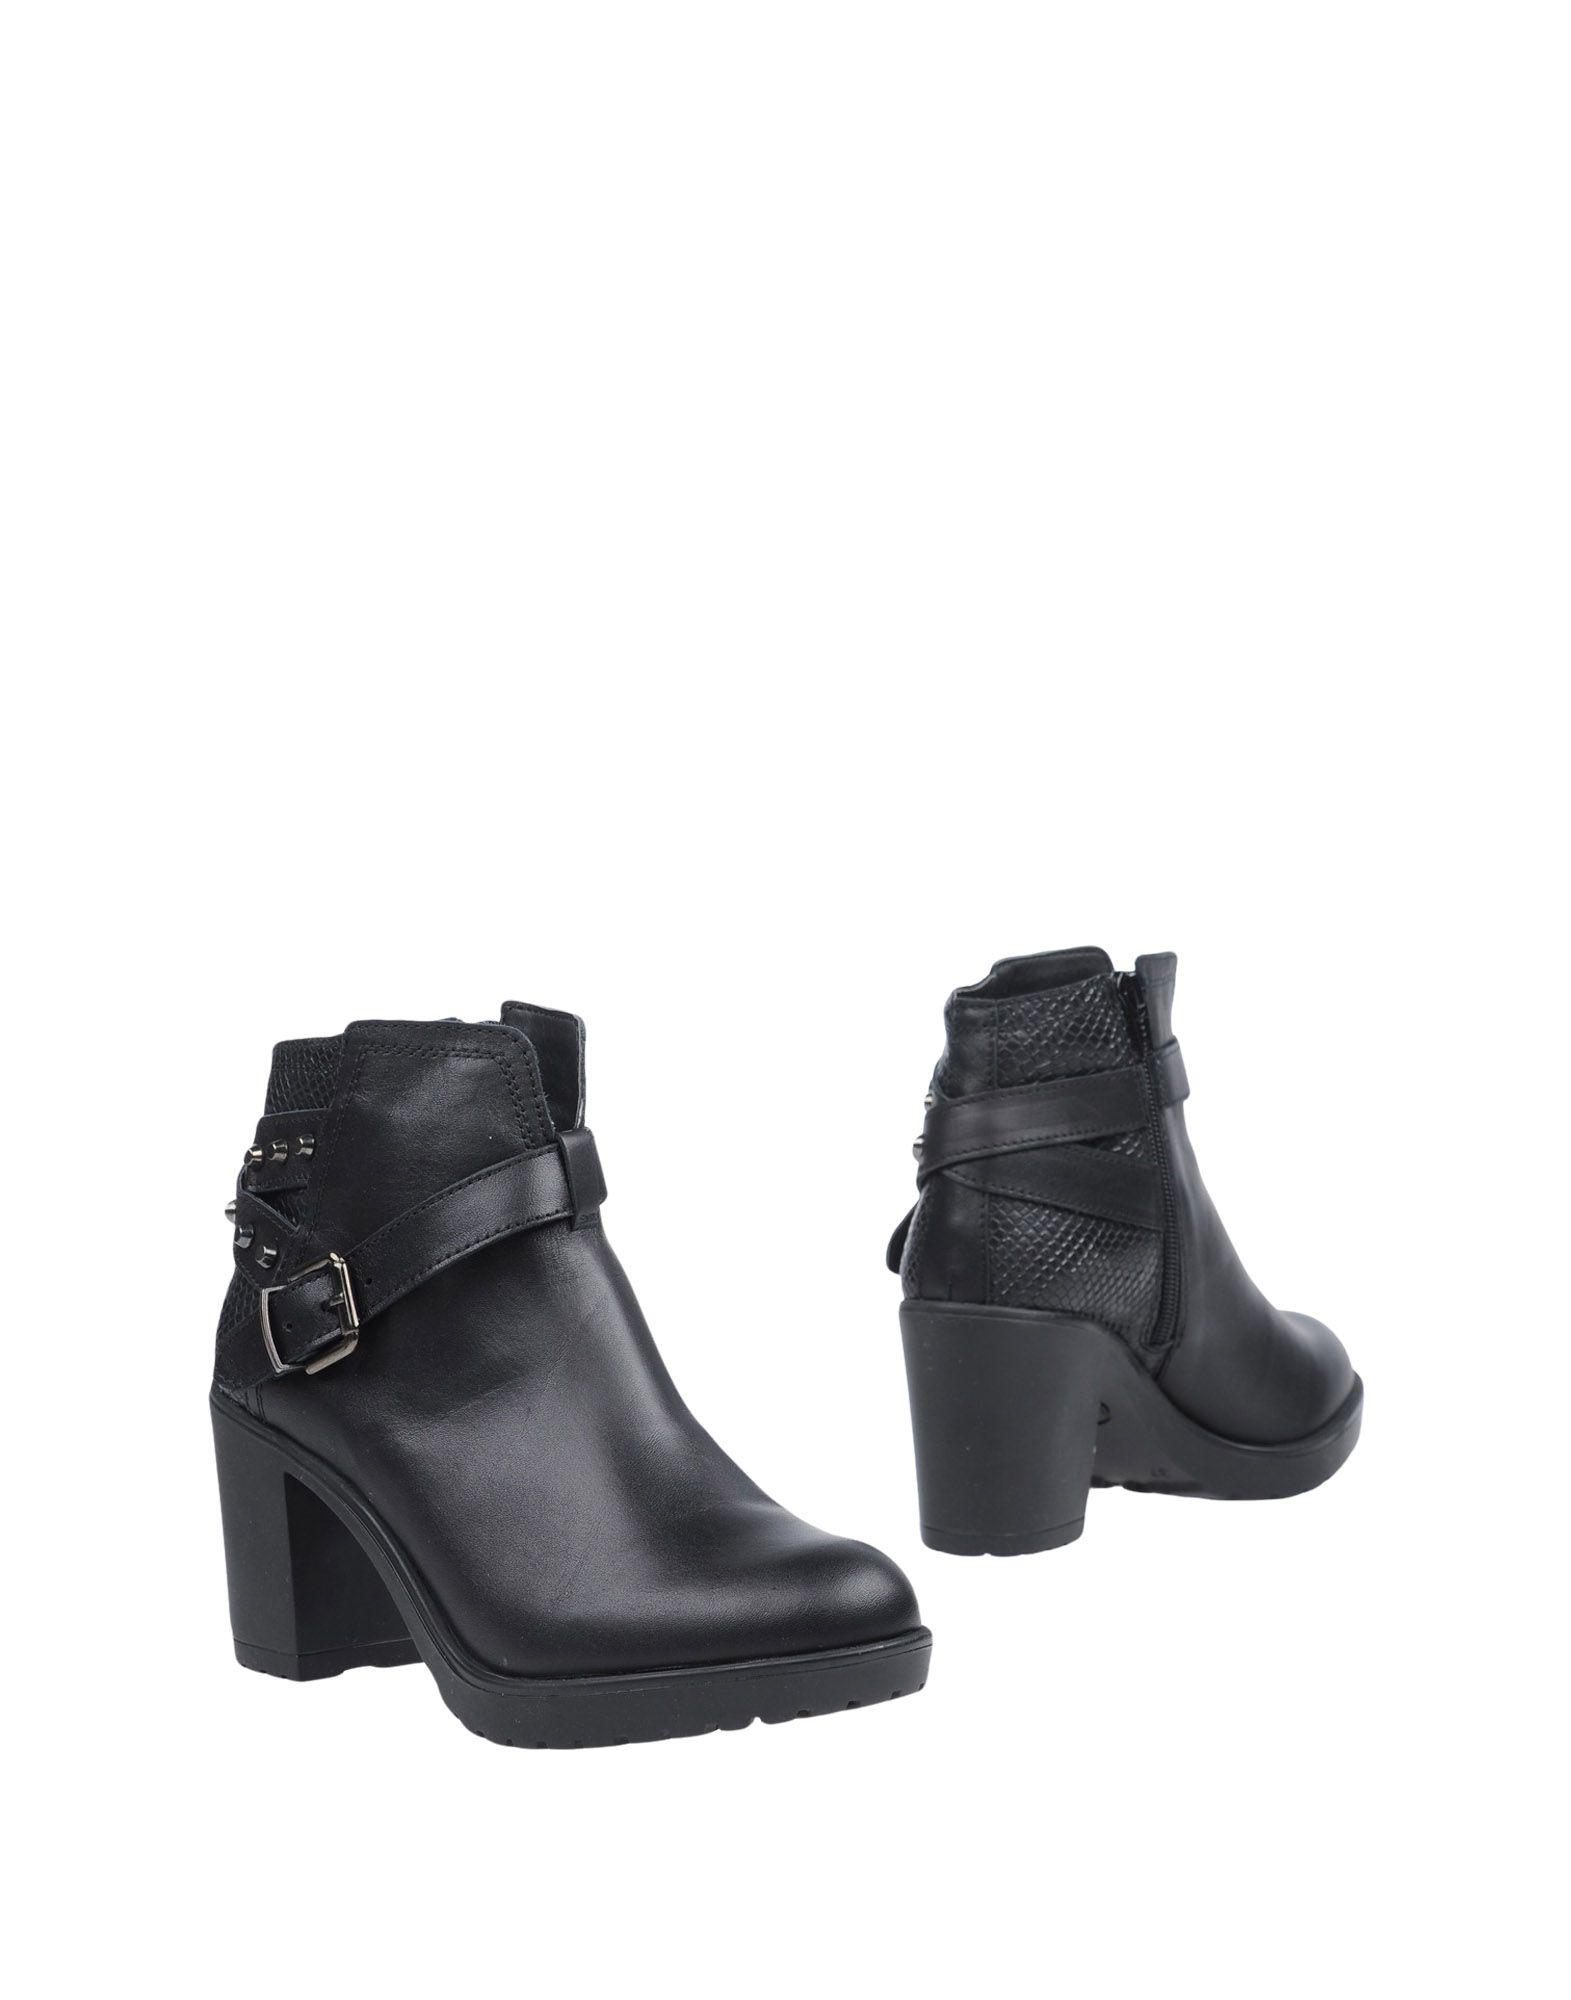 Lumberjack Stiefelette Damen  11344298QH Gute Qualität beliebte Schuhe